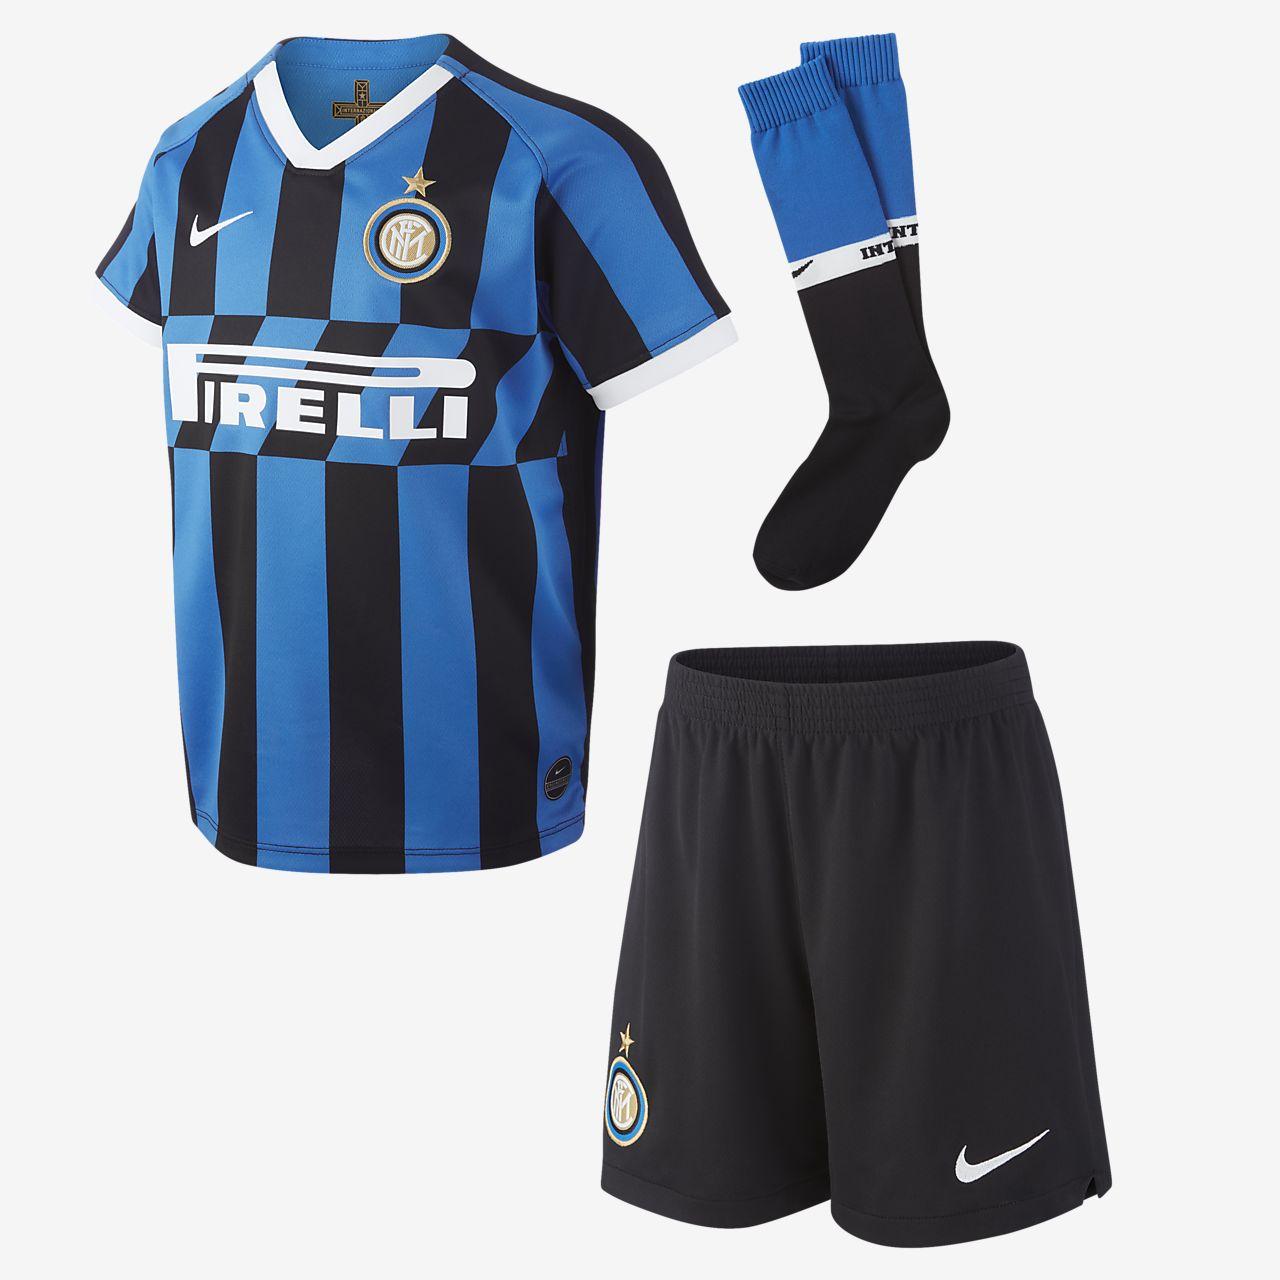 Inter Milan 2019/20 Home-fodboldsæt til små børn